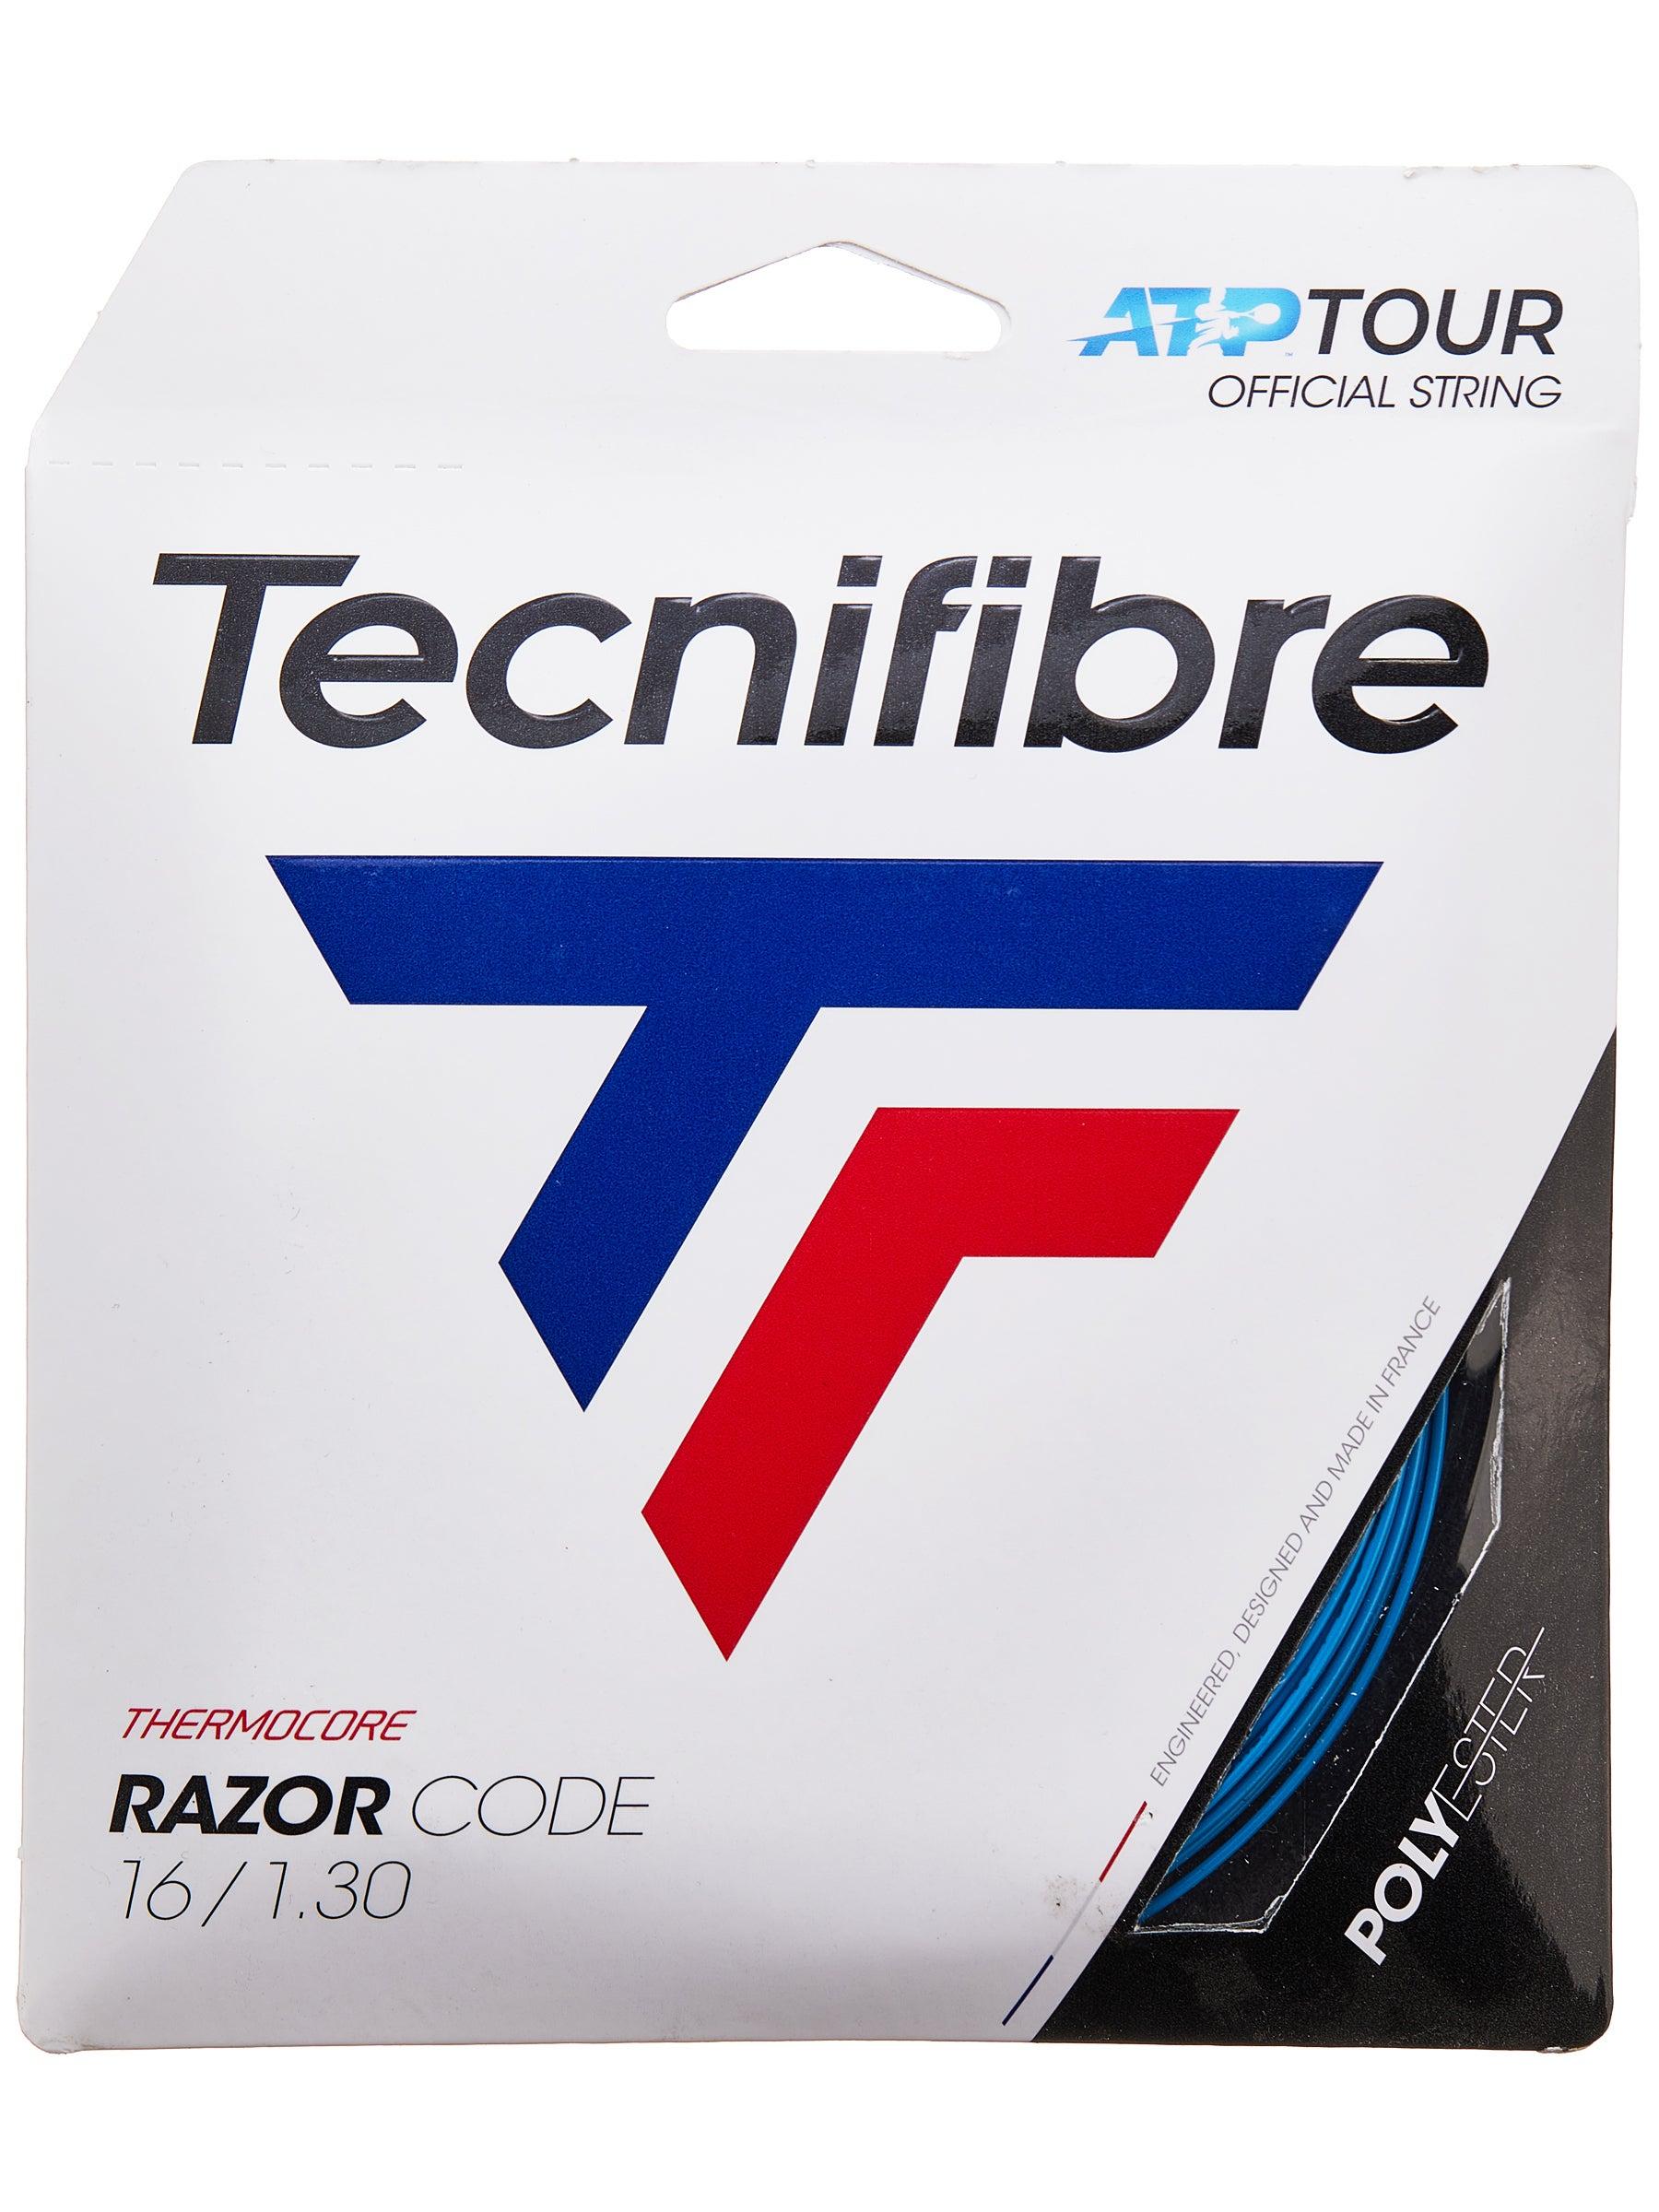 Tecnifibre ATP Razor Code 16 String Blue